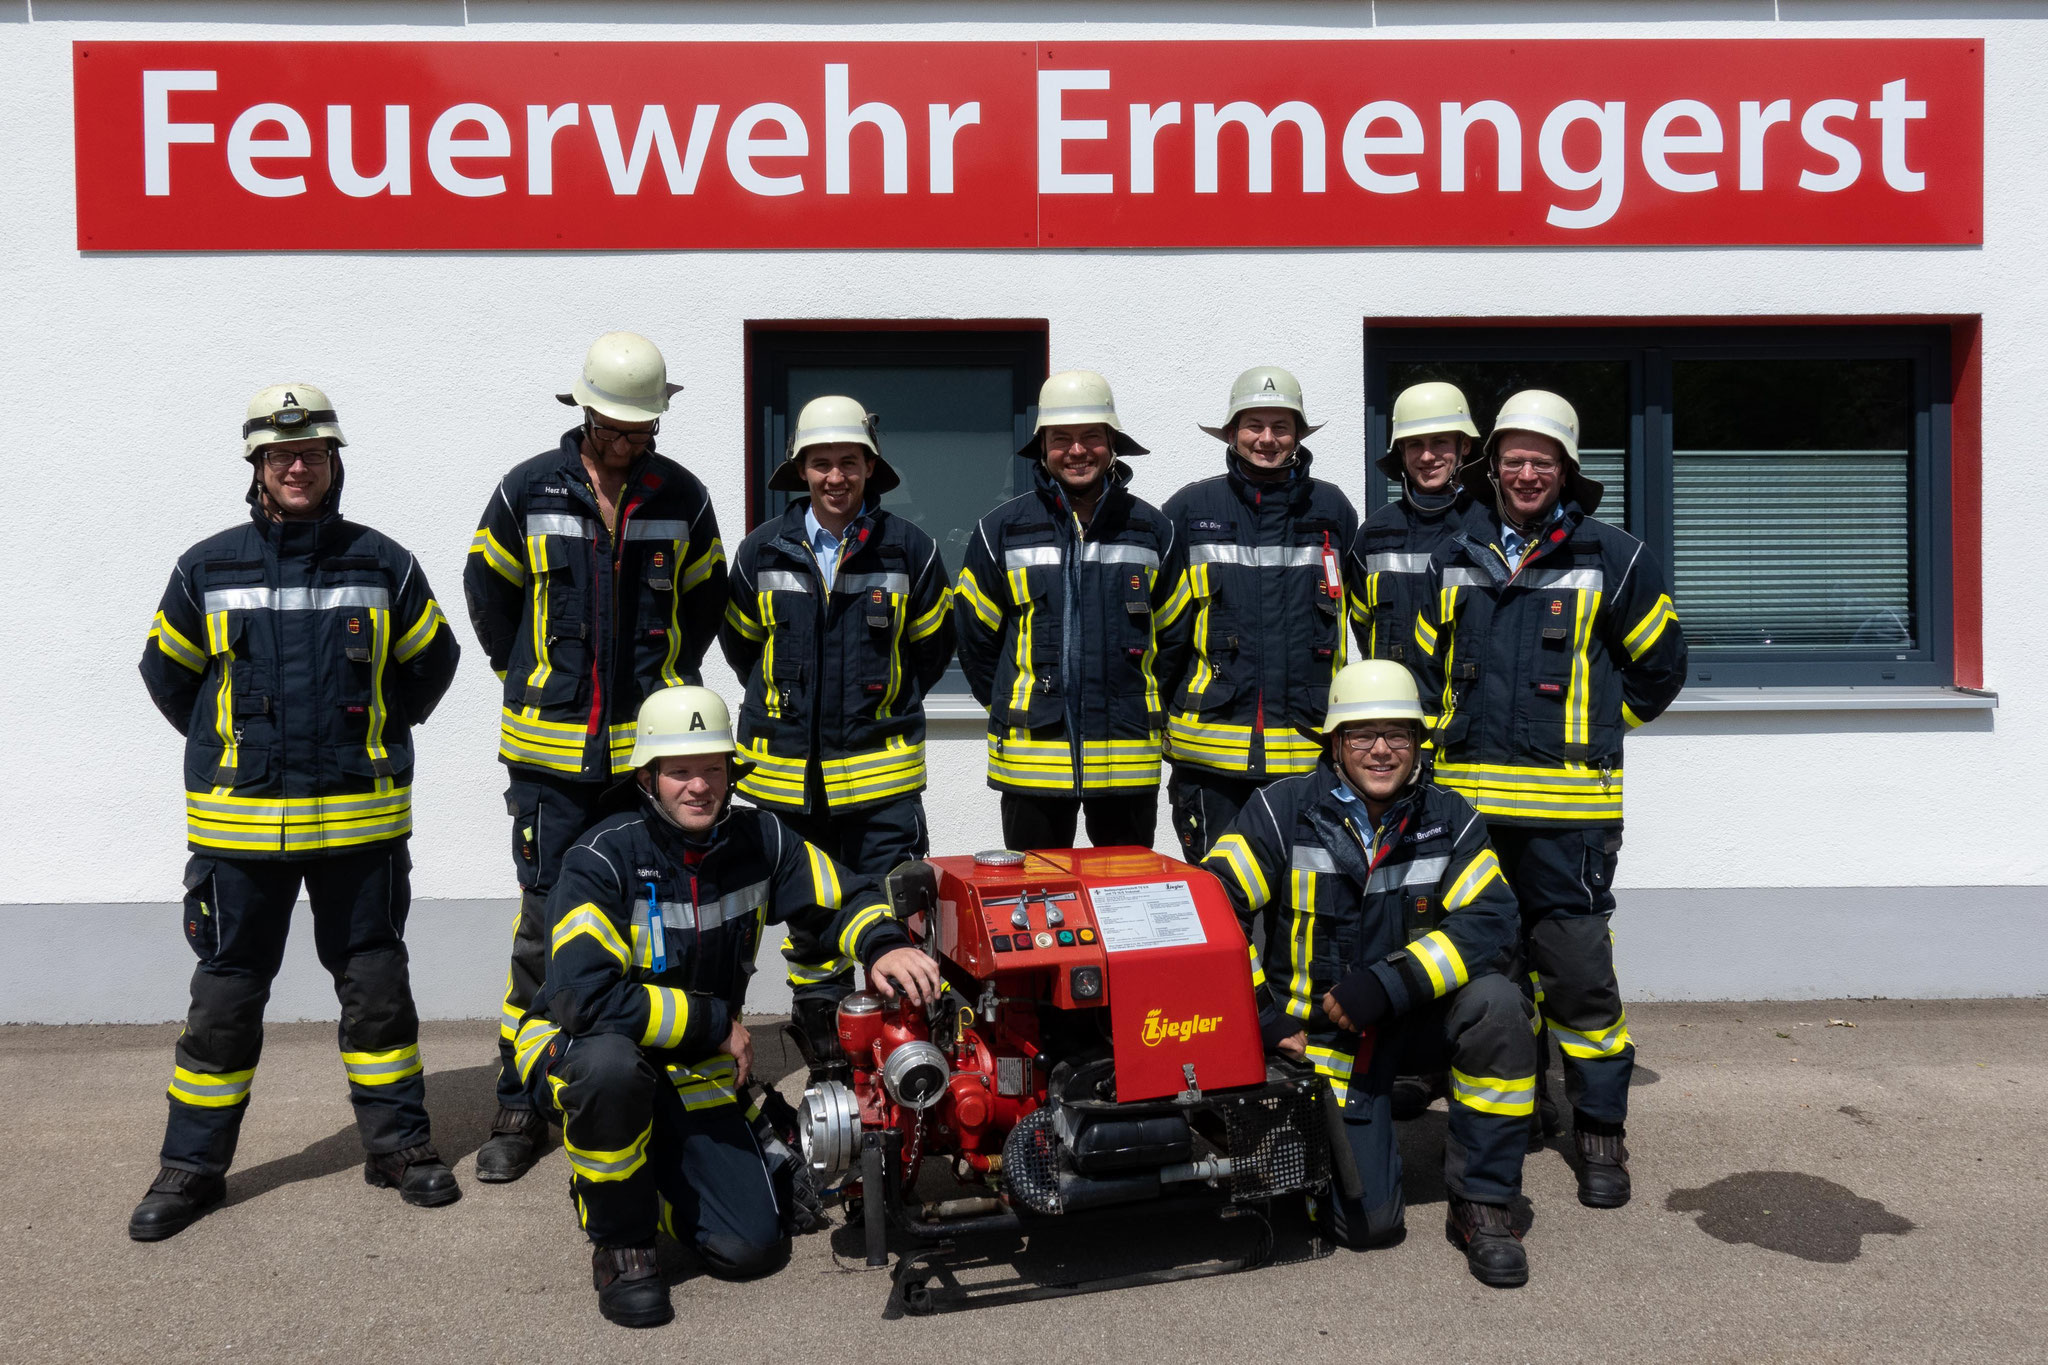 Freiwillige Feuerwehr Ermengerst - Maschinisten und Gerätewarte